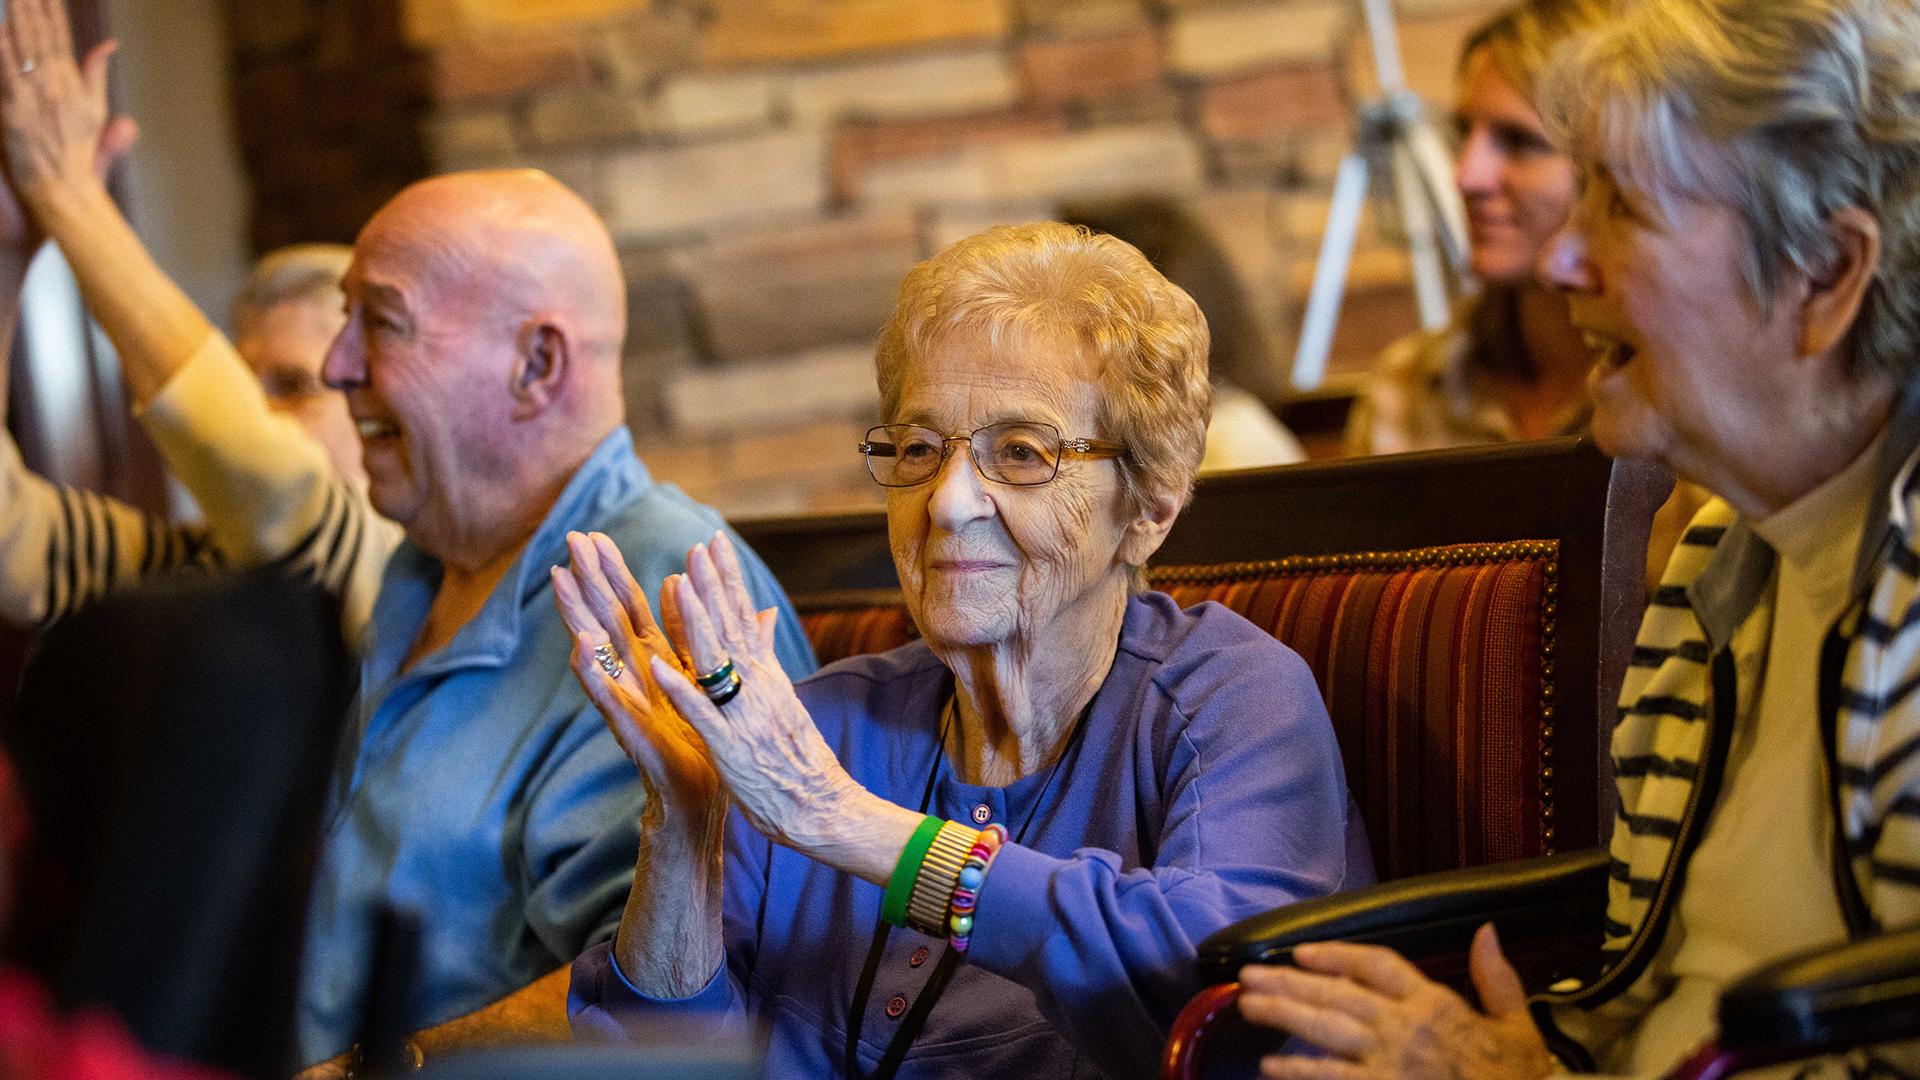 senior center residents